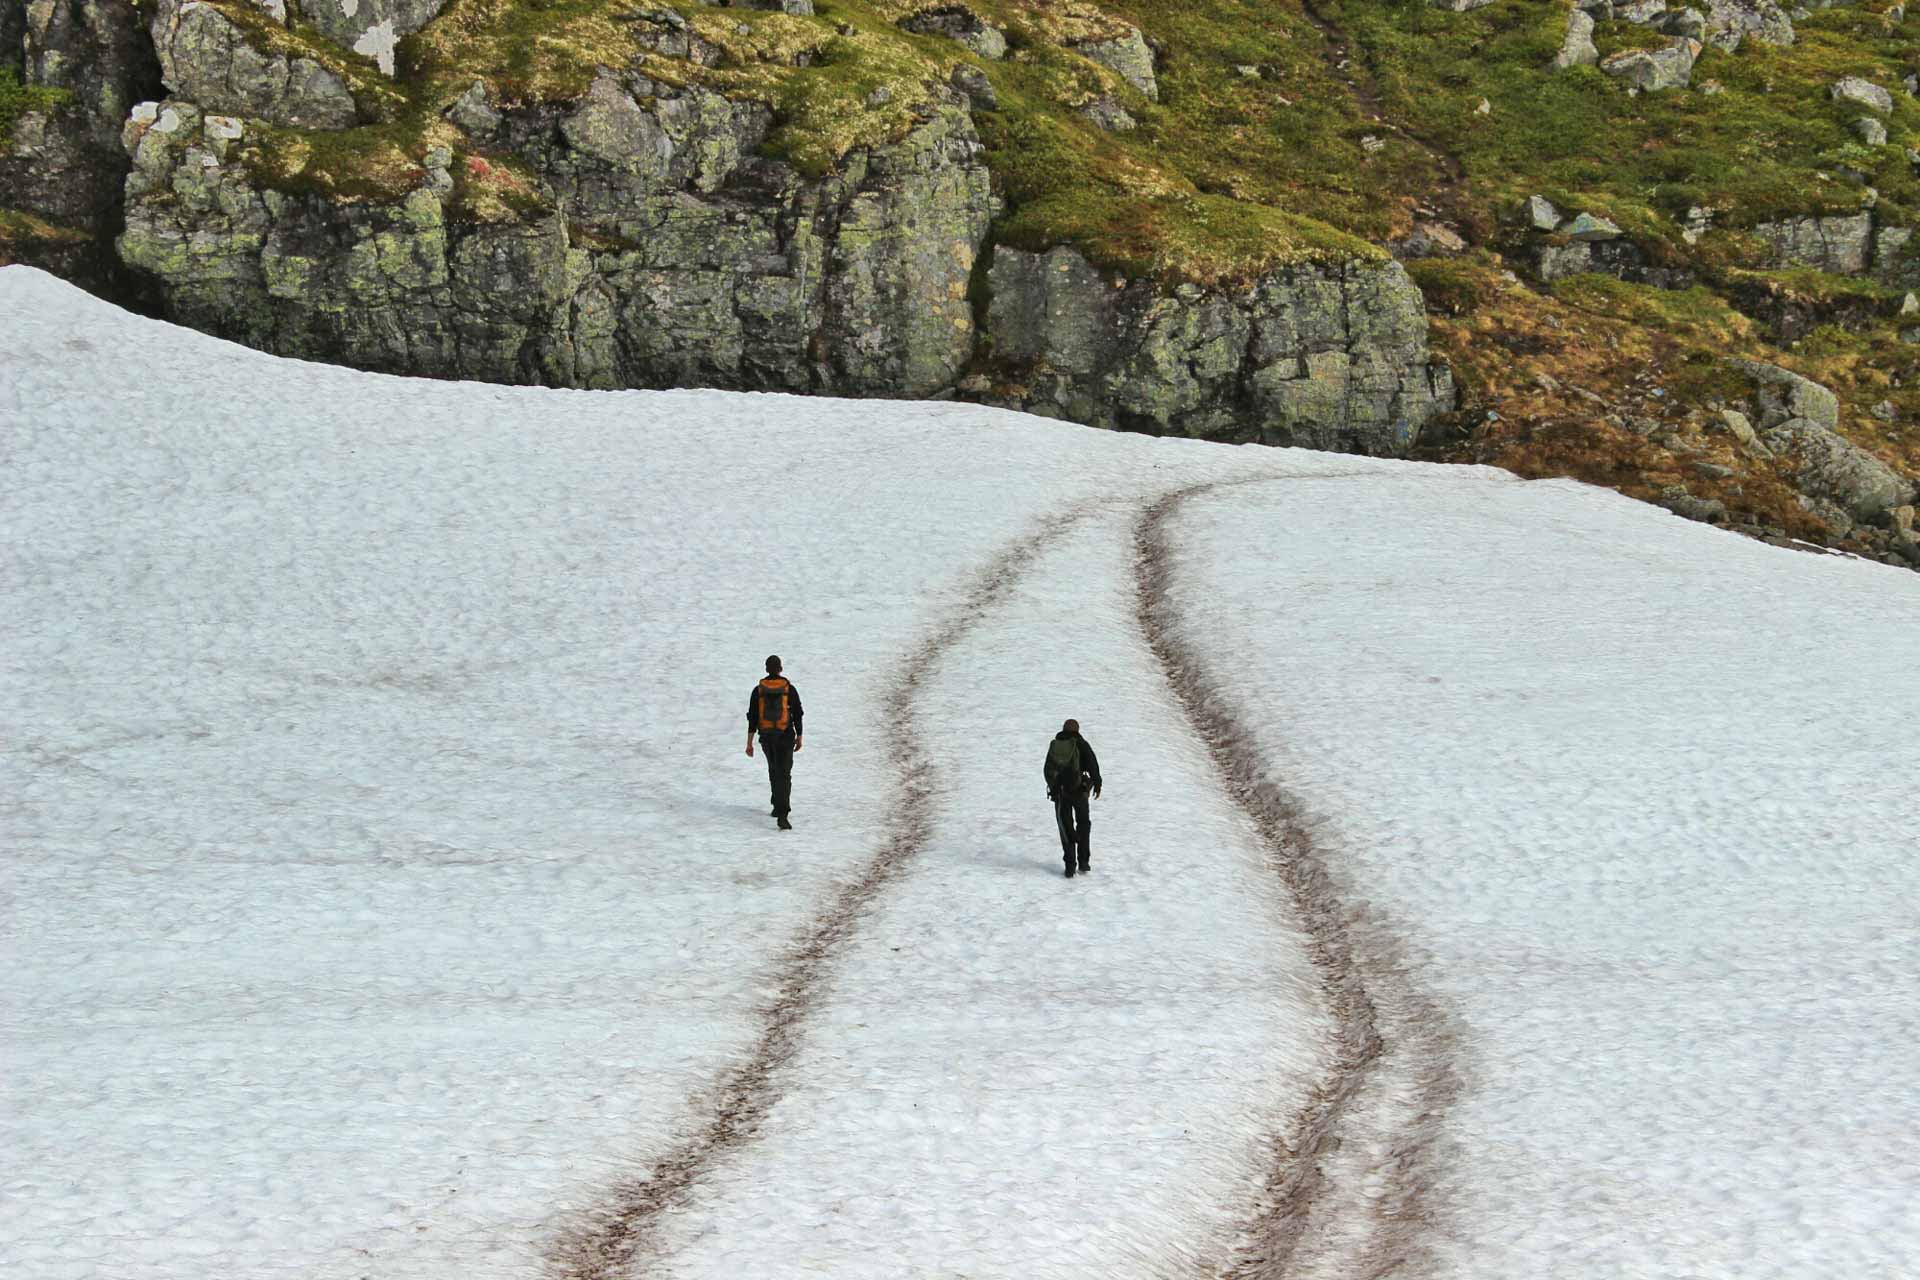 Litt snøfonner var det på denne turen og, men heldigvis greitt føre å gå på